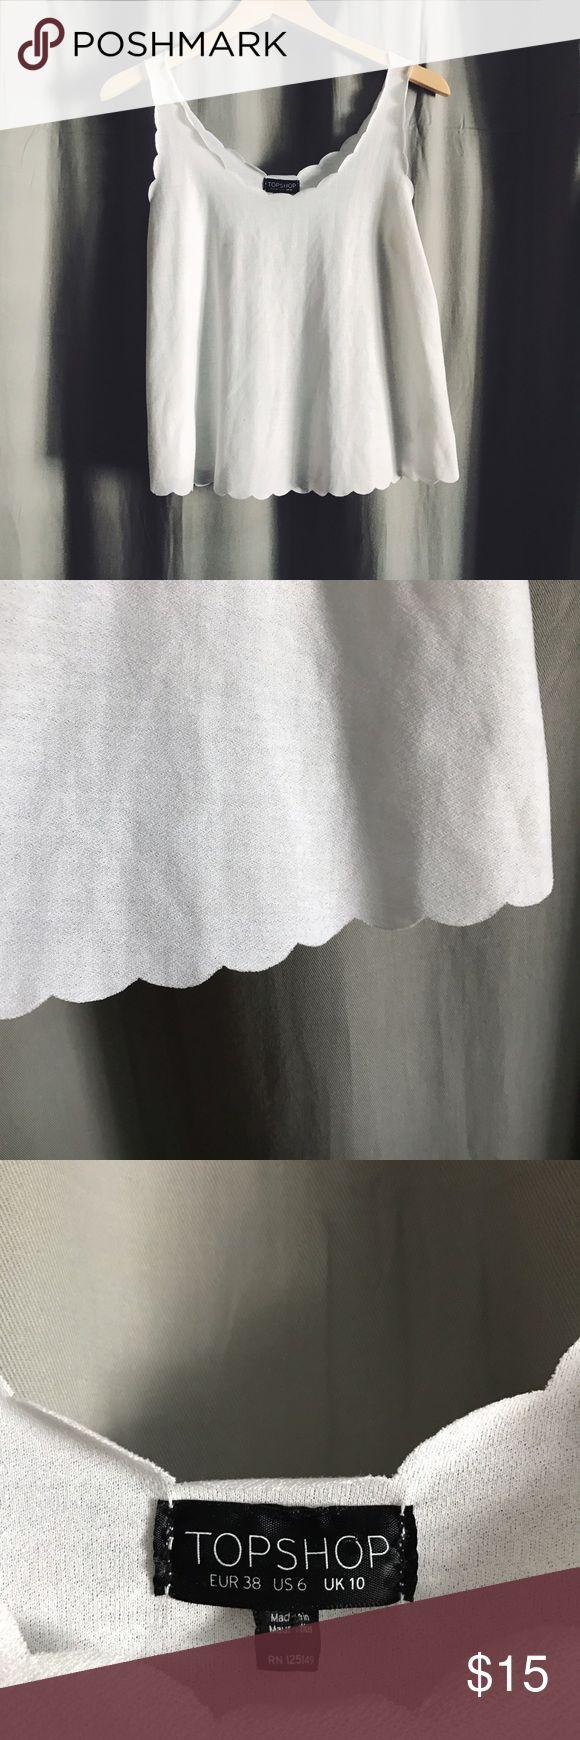 Topshop • White Scallop Tank Topshop white tank top with scallop hem. Size 6 Topshop Tops Tank Tops